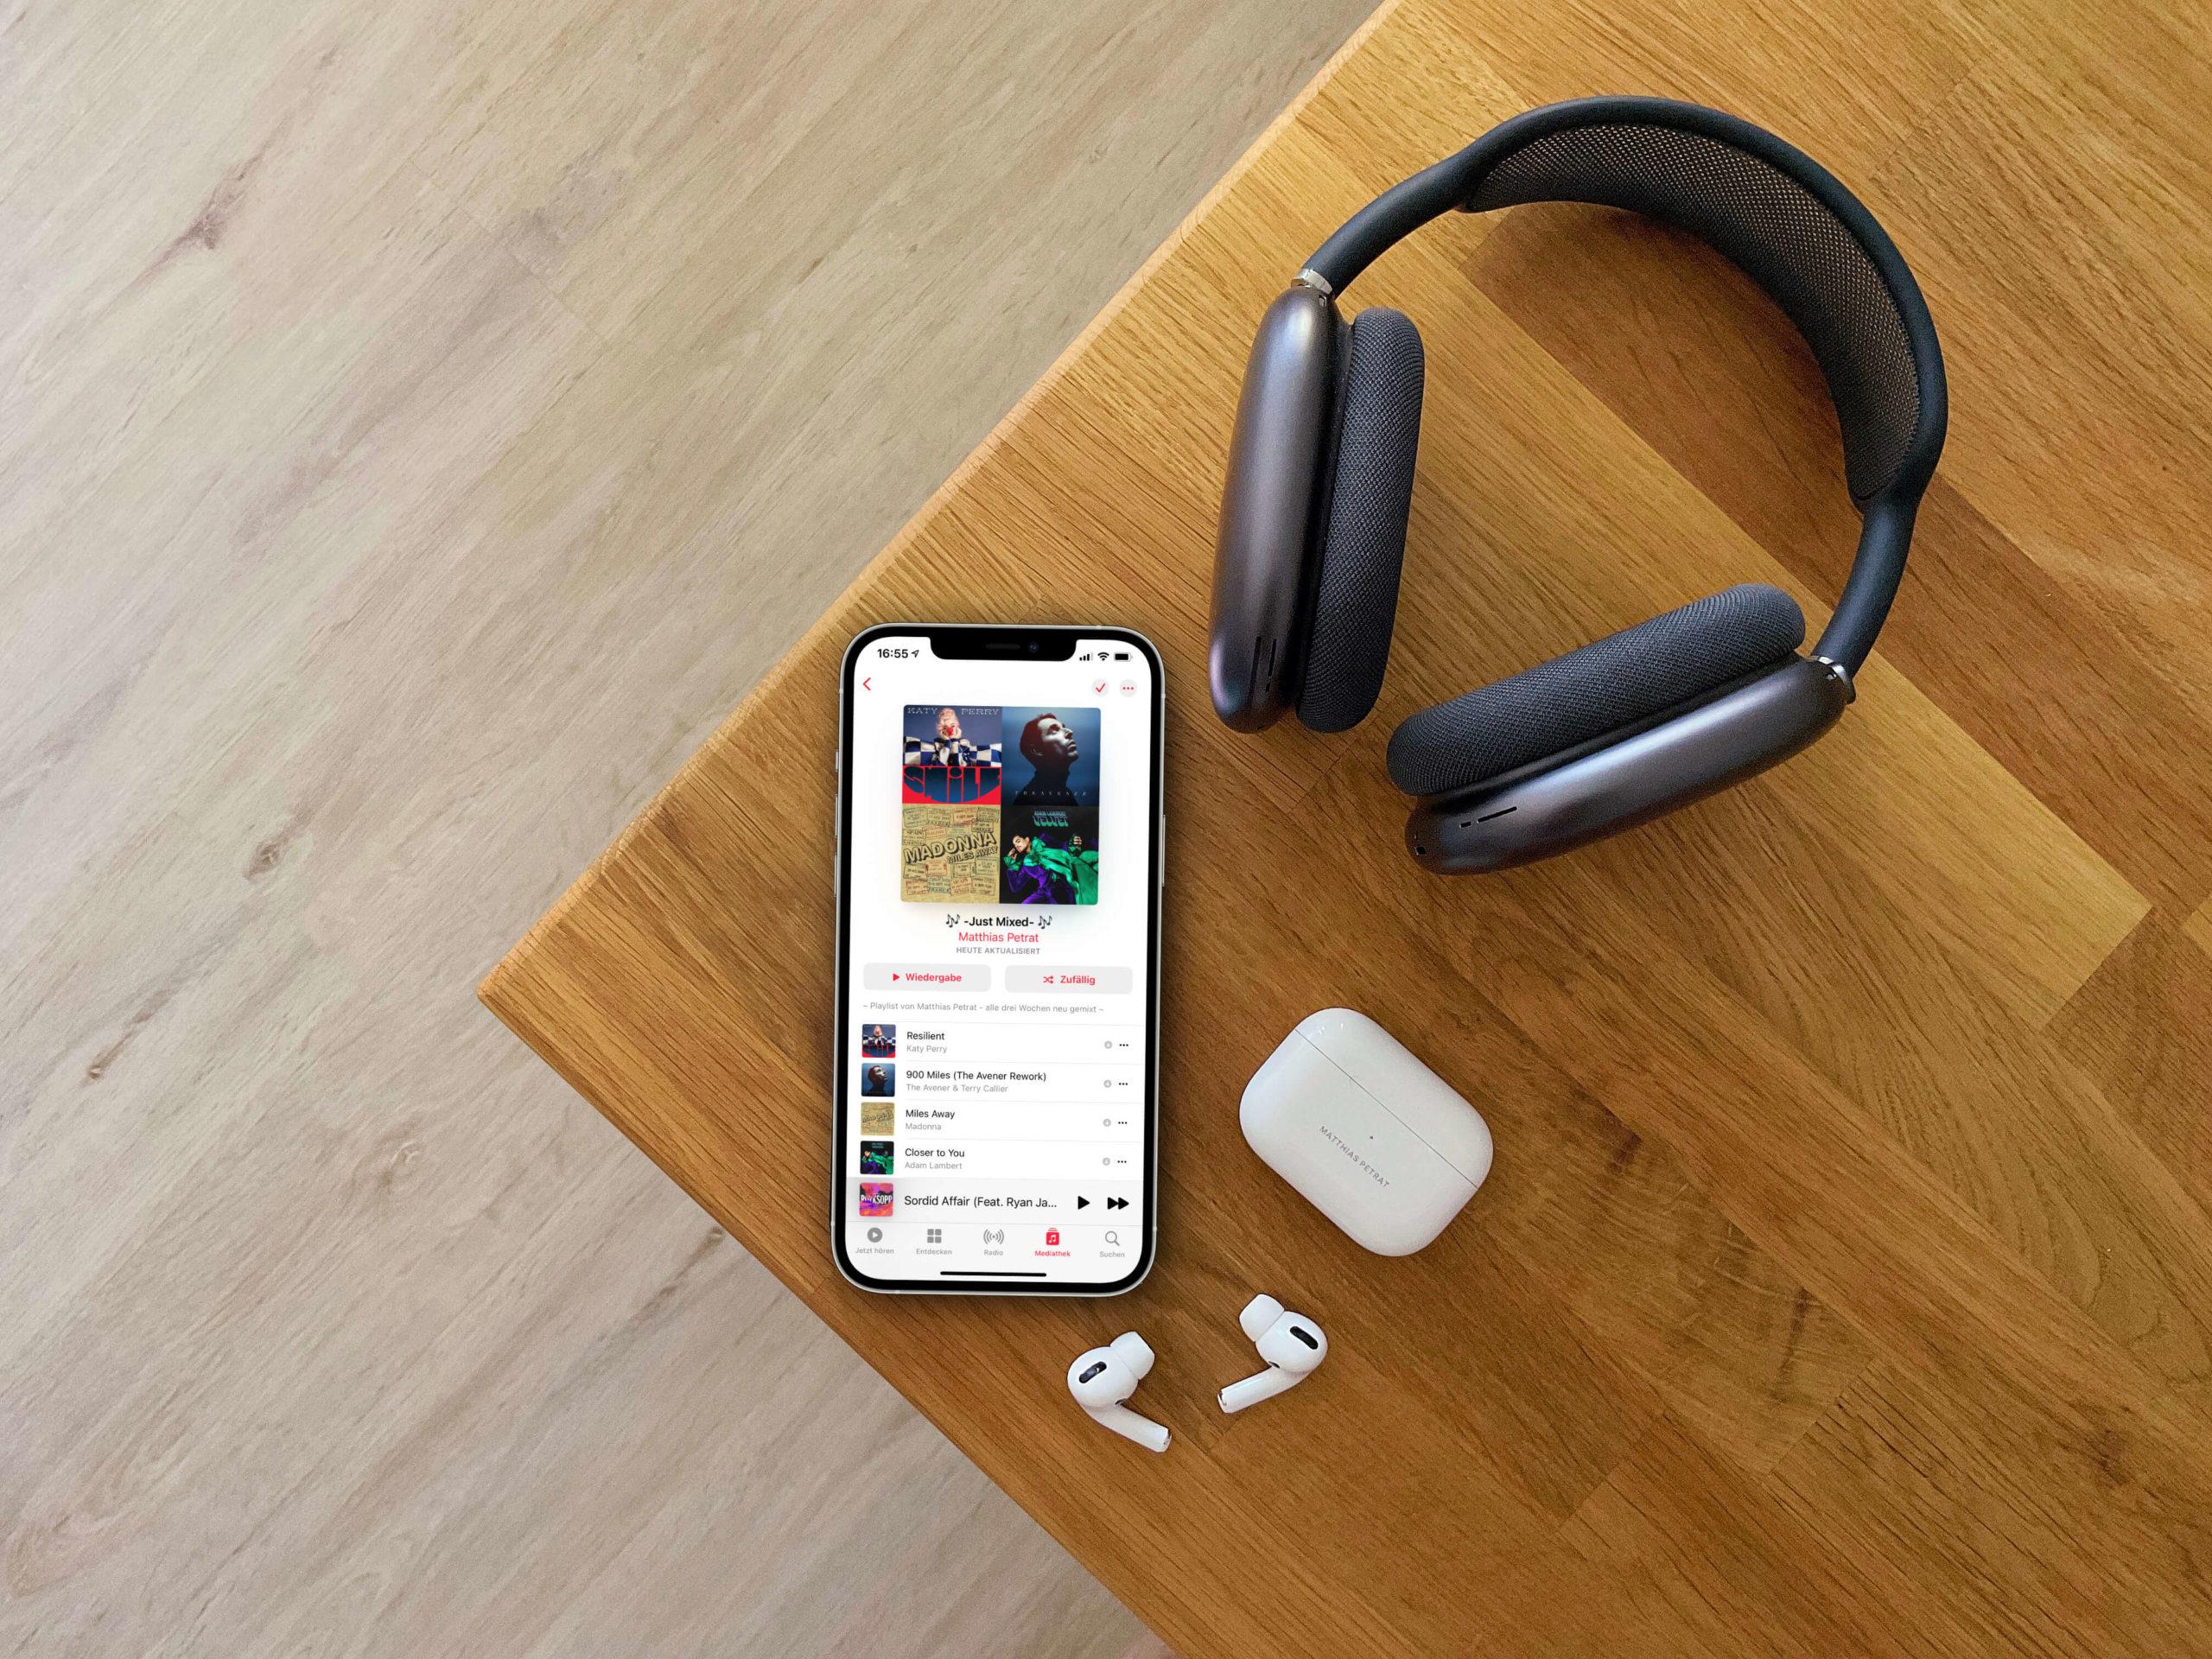 Exklusiv-von-mir-Alle-drei-Wochen-eine-frische-Apple-Music-Playlist-scaled Exklusiv von mir: Alle zwei Wochen eine frische Apple Music Playlist